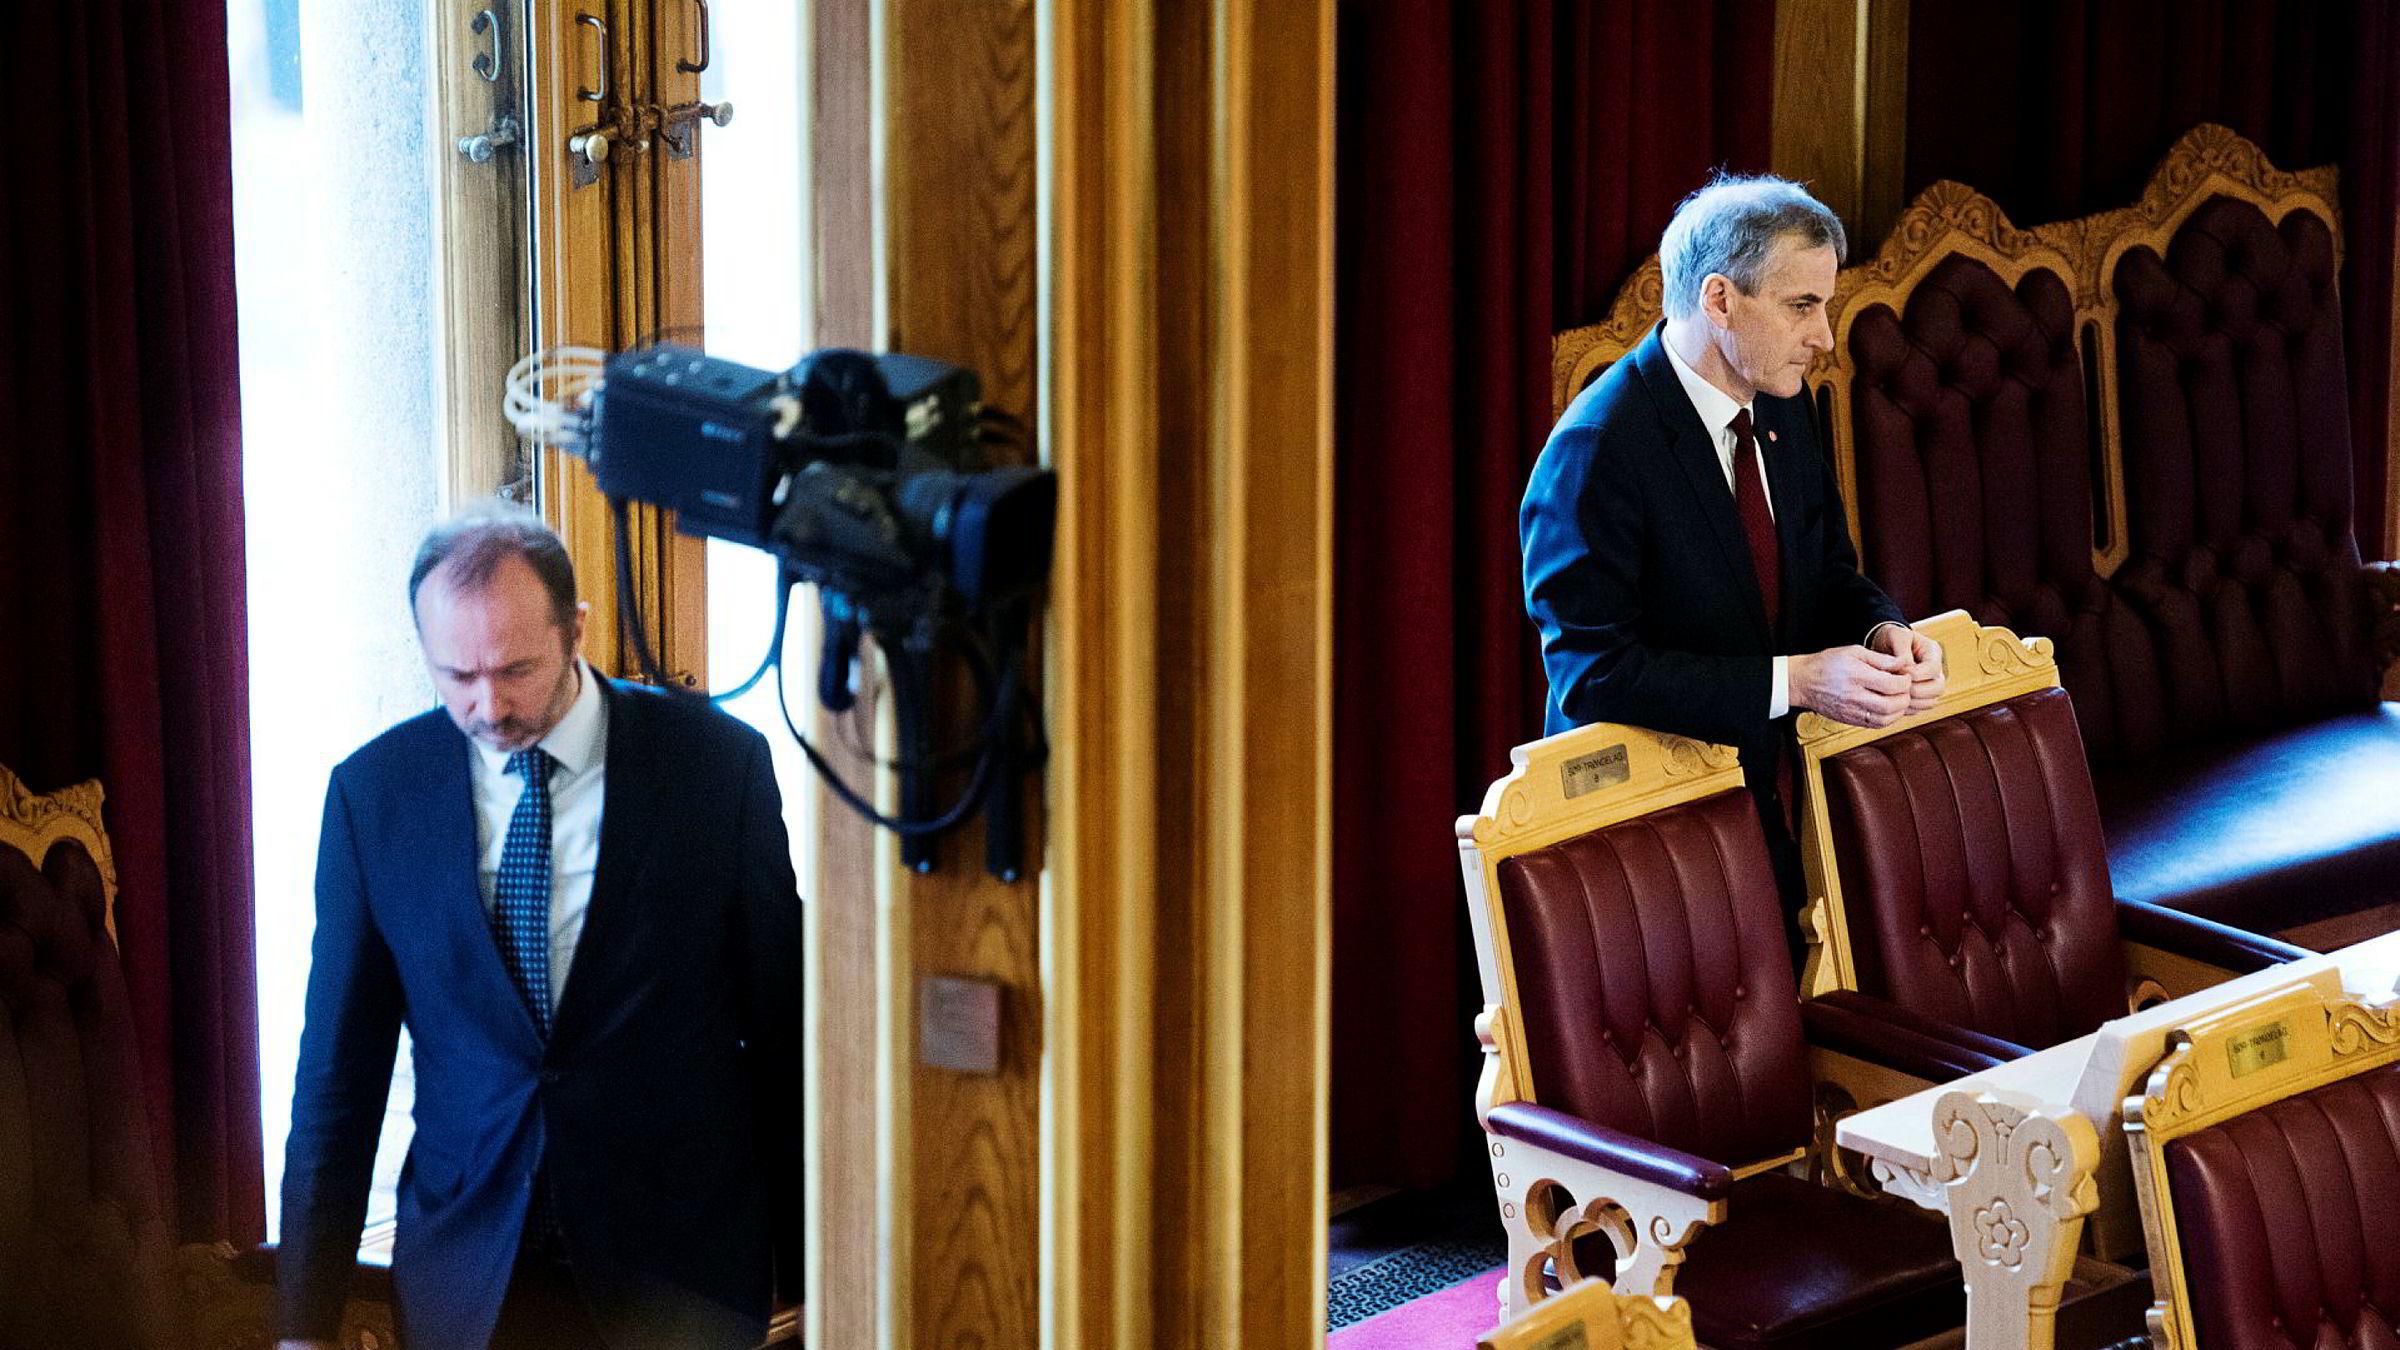 Trond Giske (til venstre) skriver i et Facebook-innlegg at han har informert partileder Jonas Gahr Støre om at han trekker seg som nestleder i Arbeiderpartiet.